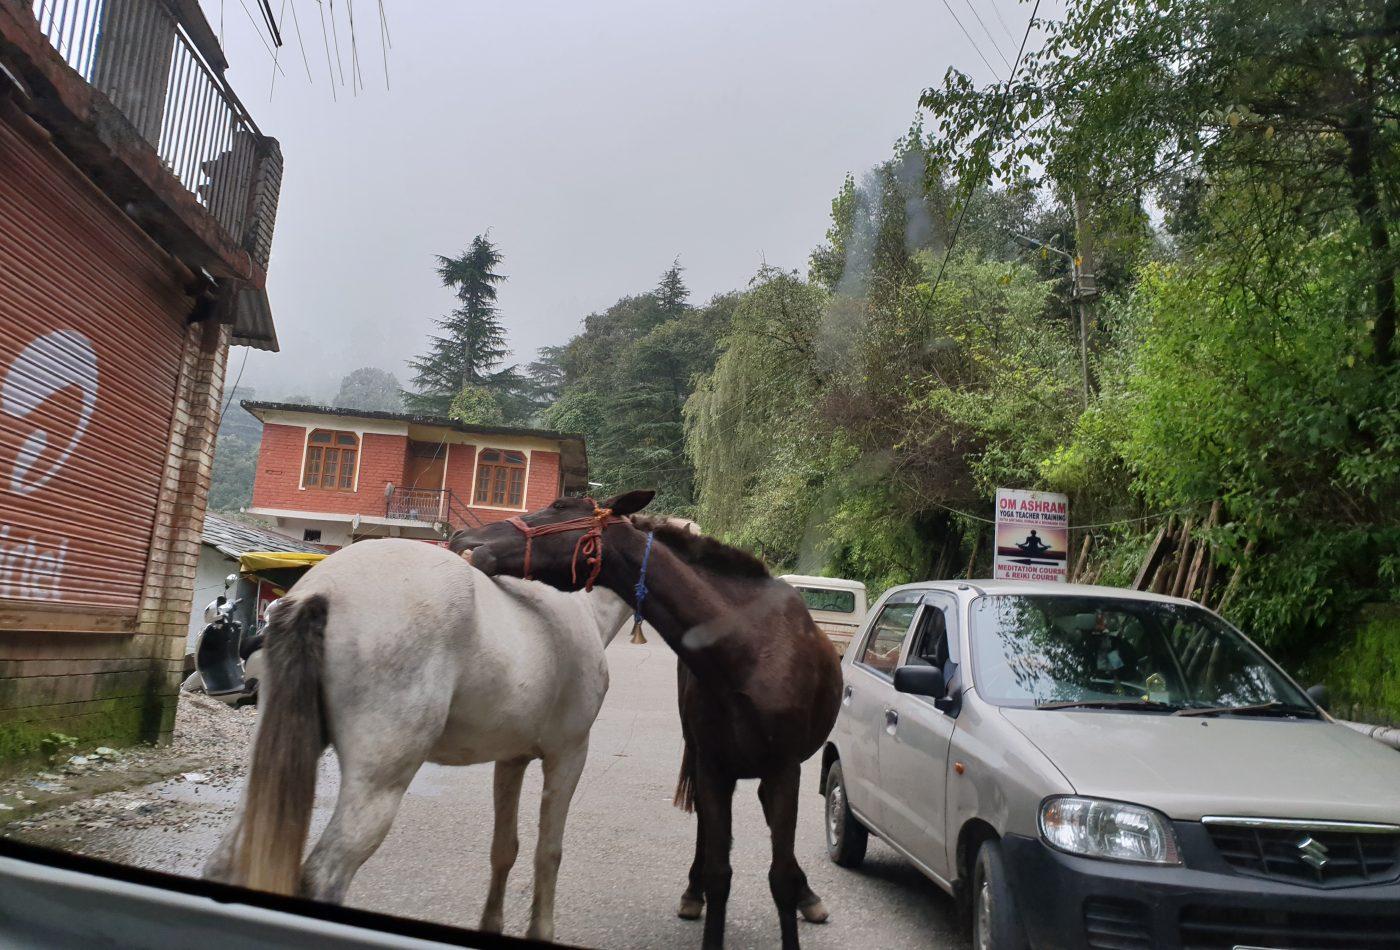 על הכביש בדרך מכפר הילדים לדרמקוט